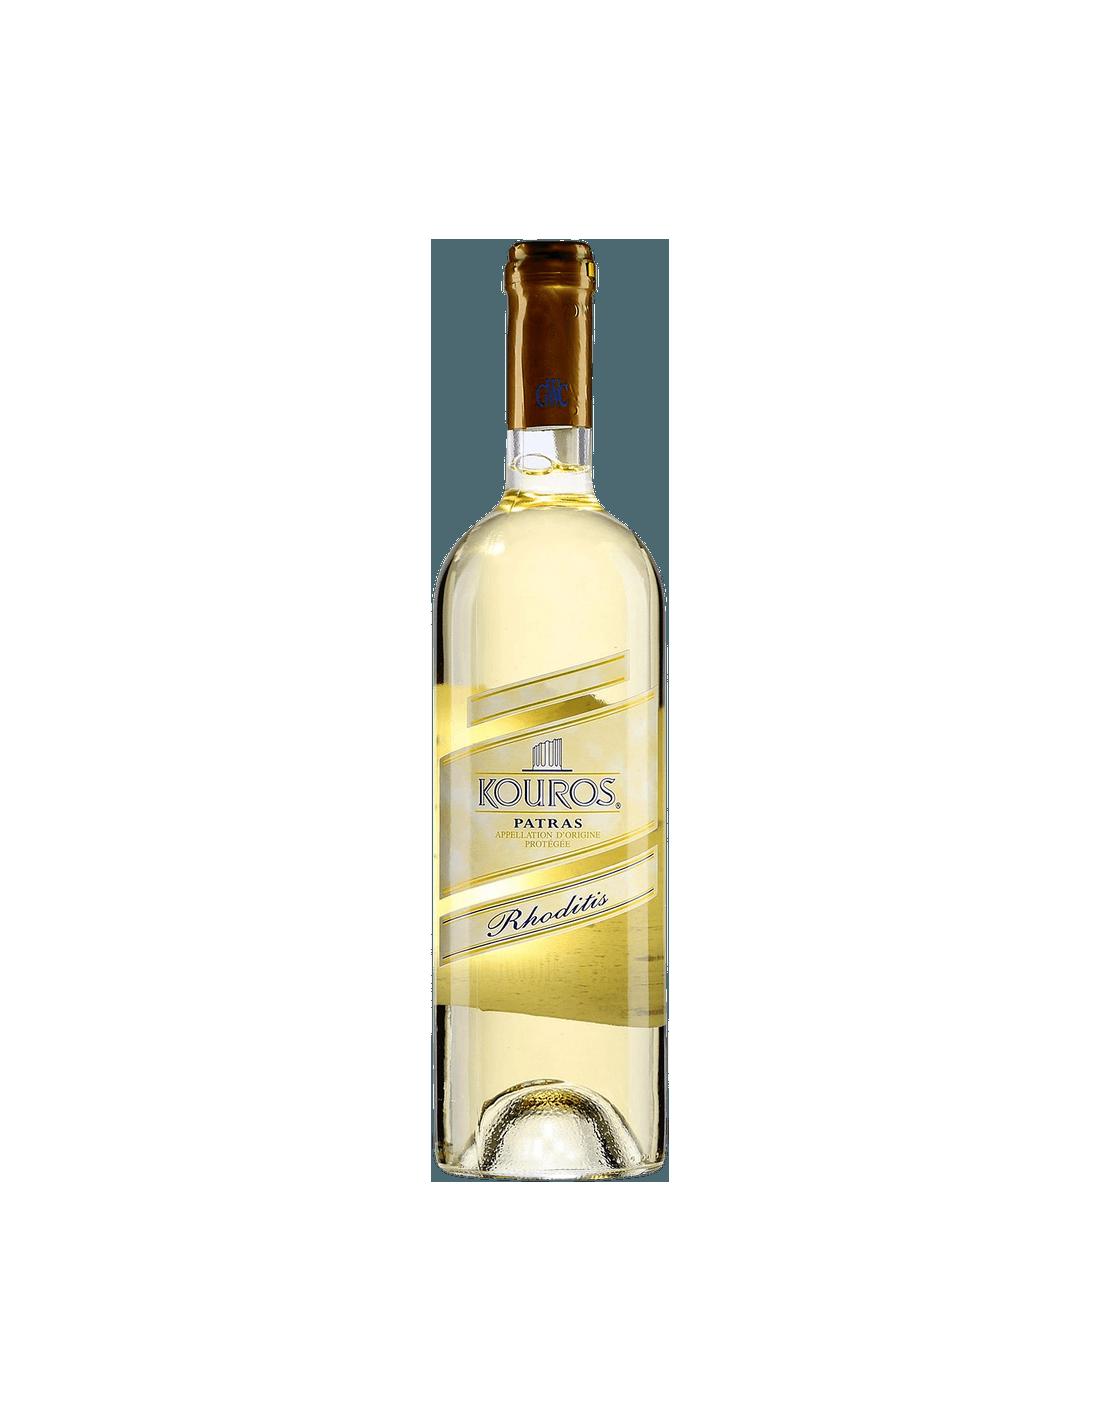 Vin alb sec Kouros, Nemeas, 12.5% alc., 0.75L, Grecia